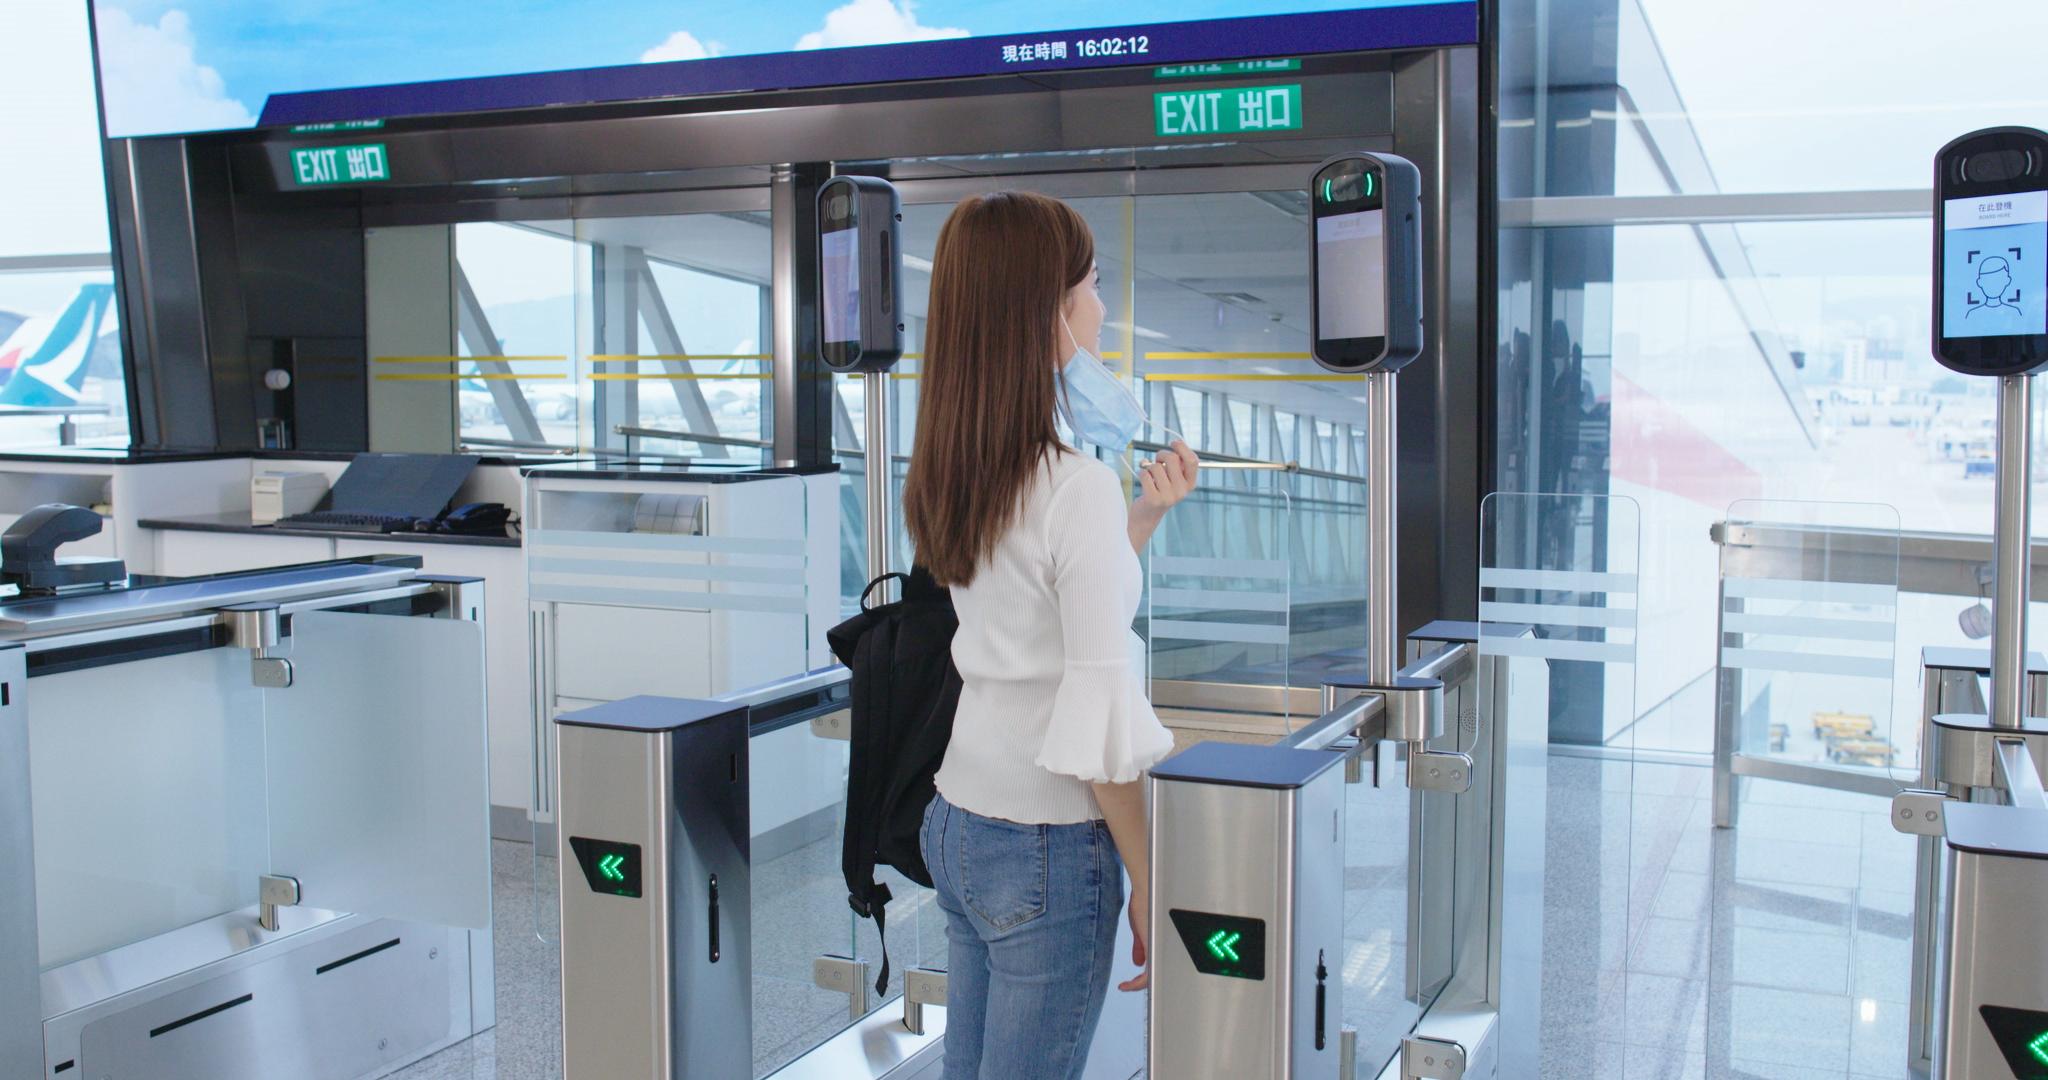 局方終以商業敏感資料為由,未有提供閘口相關成本。(機管局圖片)